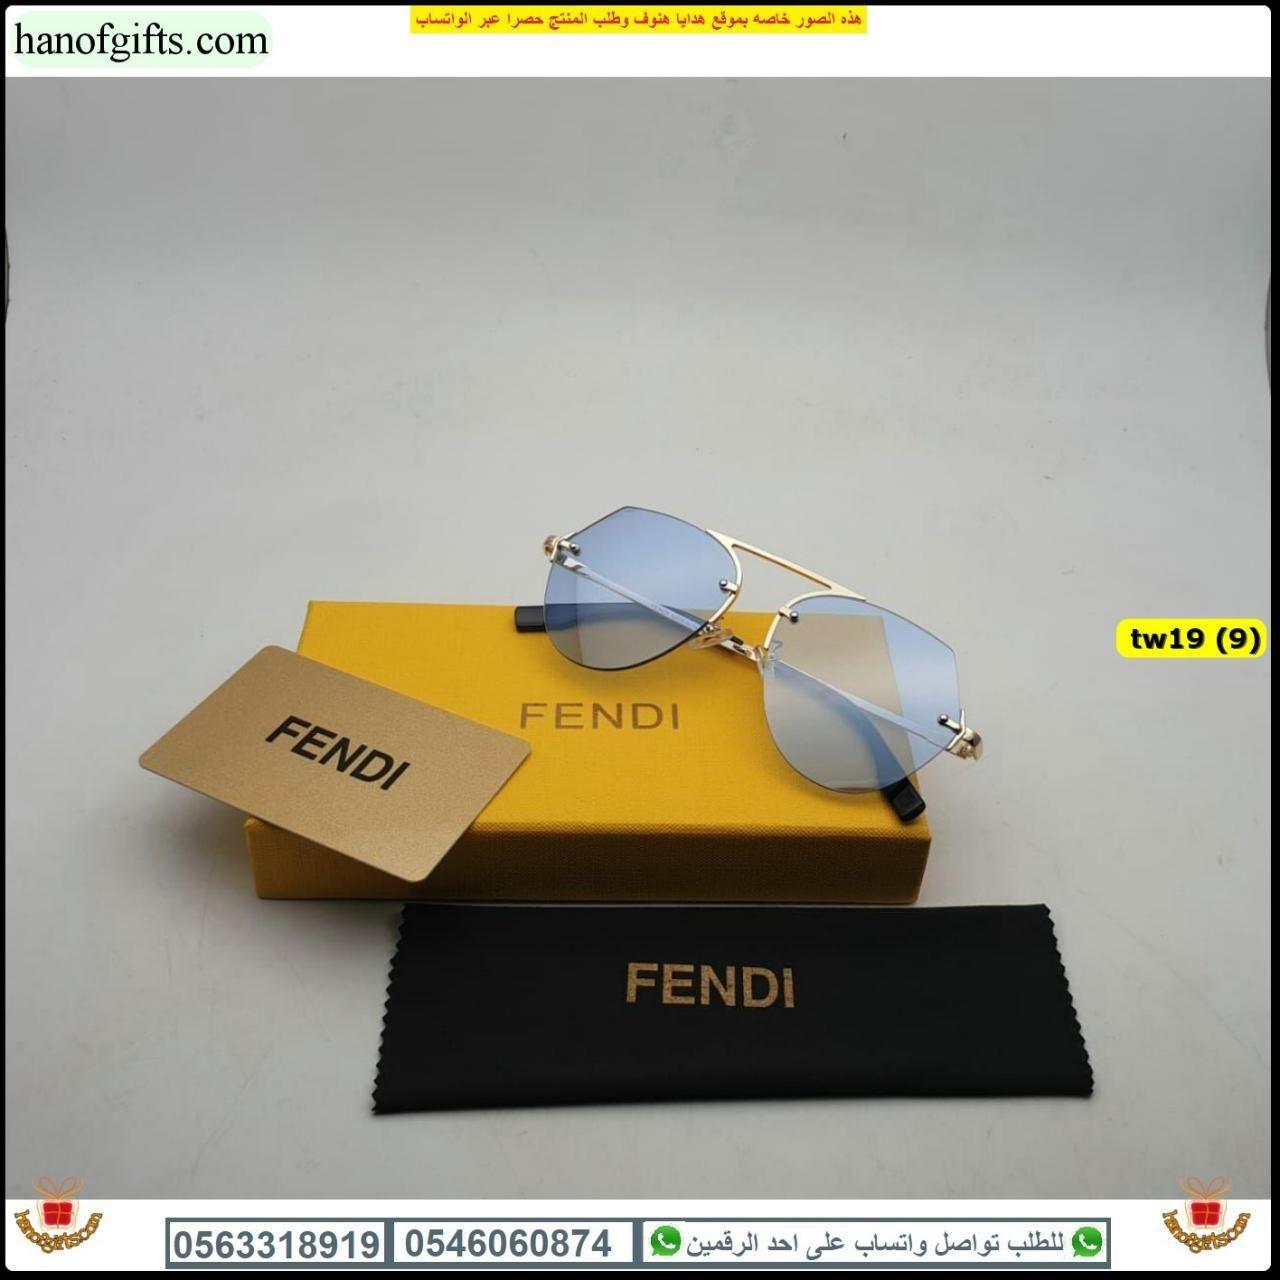 نظارات فندي تقليد درجه اولى مع كيس وعلبة الماركه جوده ممتازه هدايا هنوف Oval Sunglass Square Sunglass Sunglasses